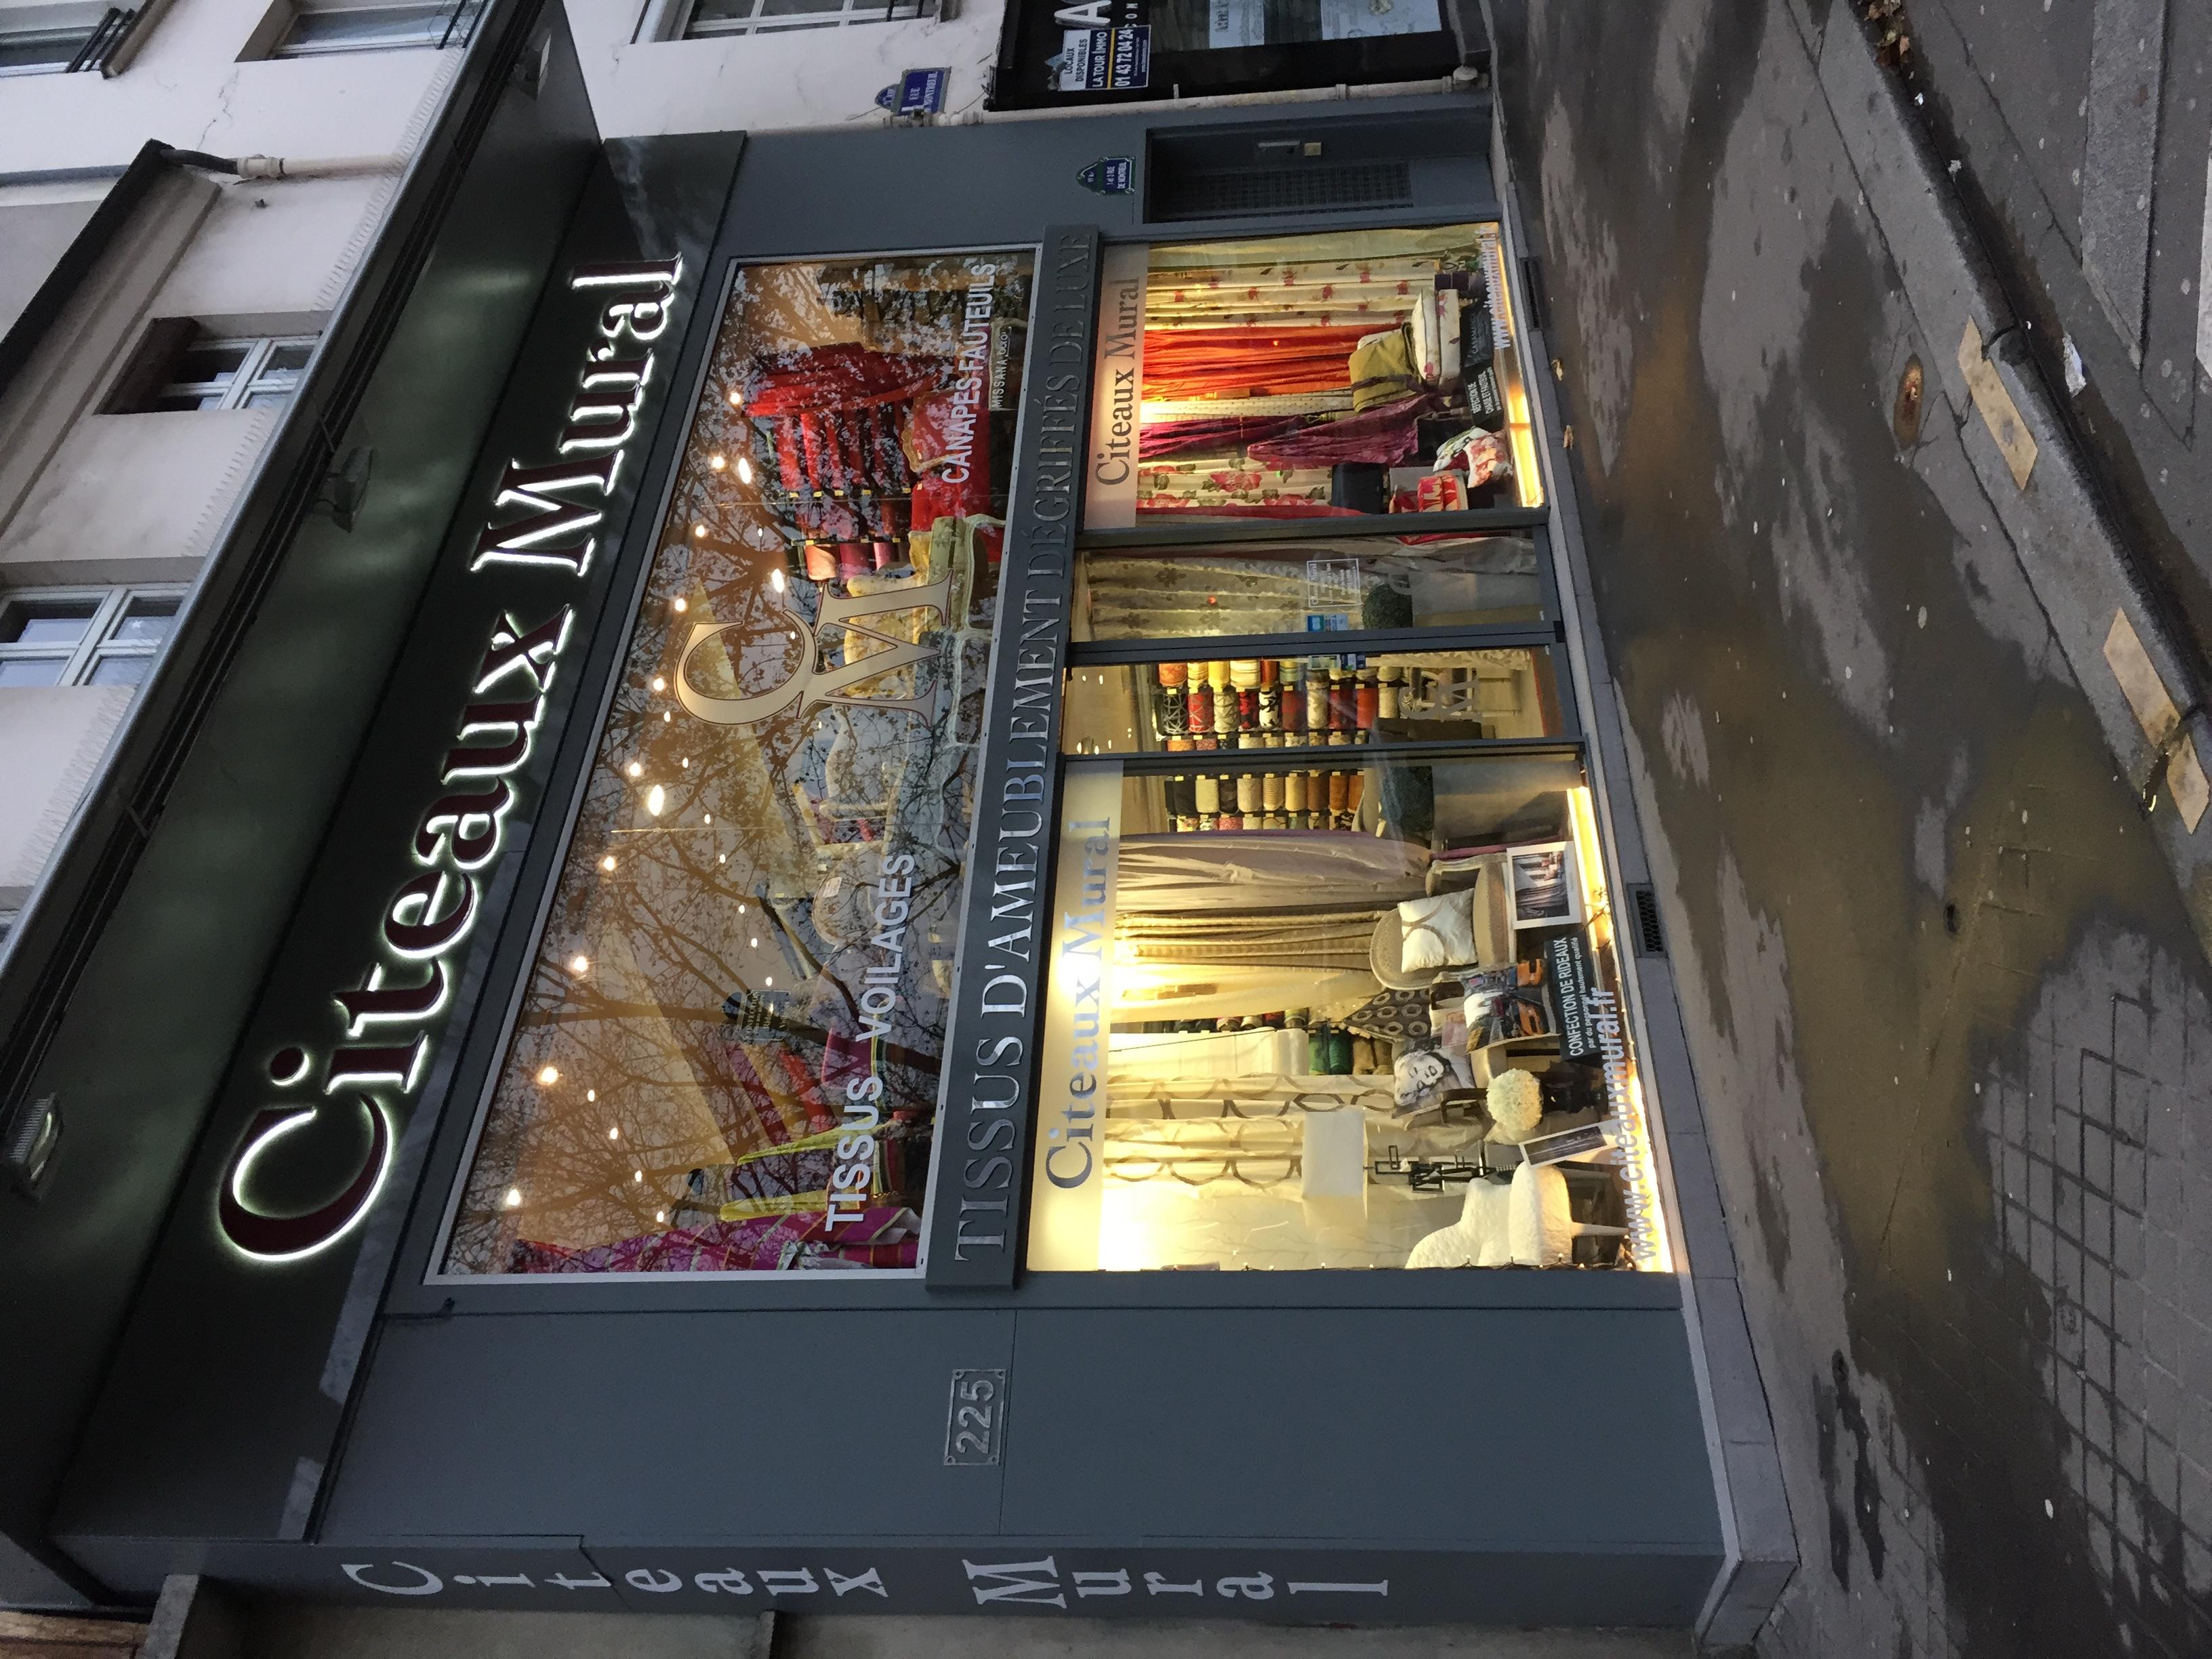 Acheter rideaux paris citeaux mural 01 43 79 01 43 acheter des rideaux paris - Ou acheter ses rideaux ...